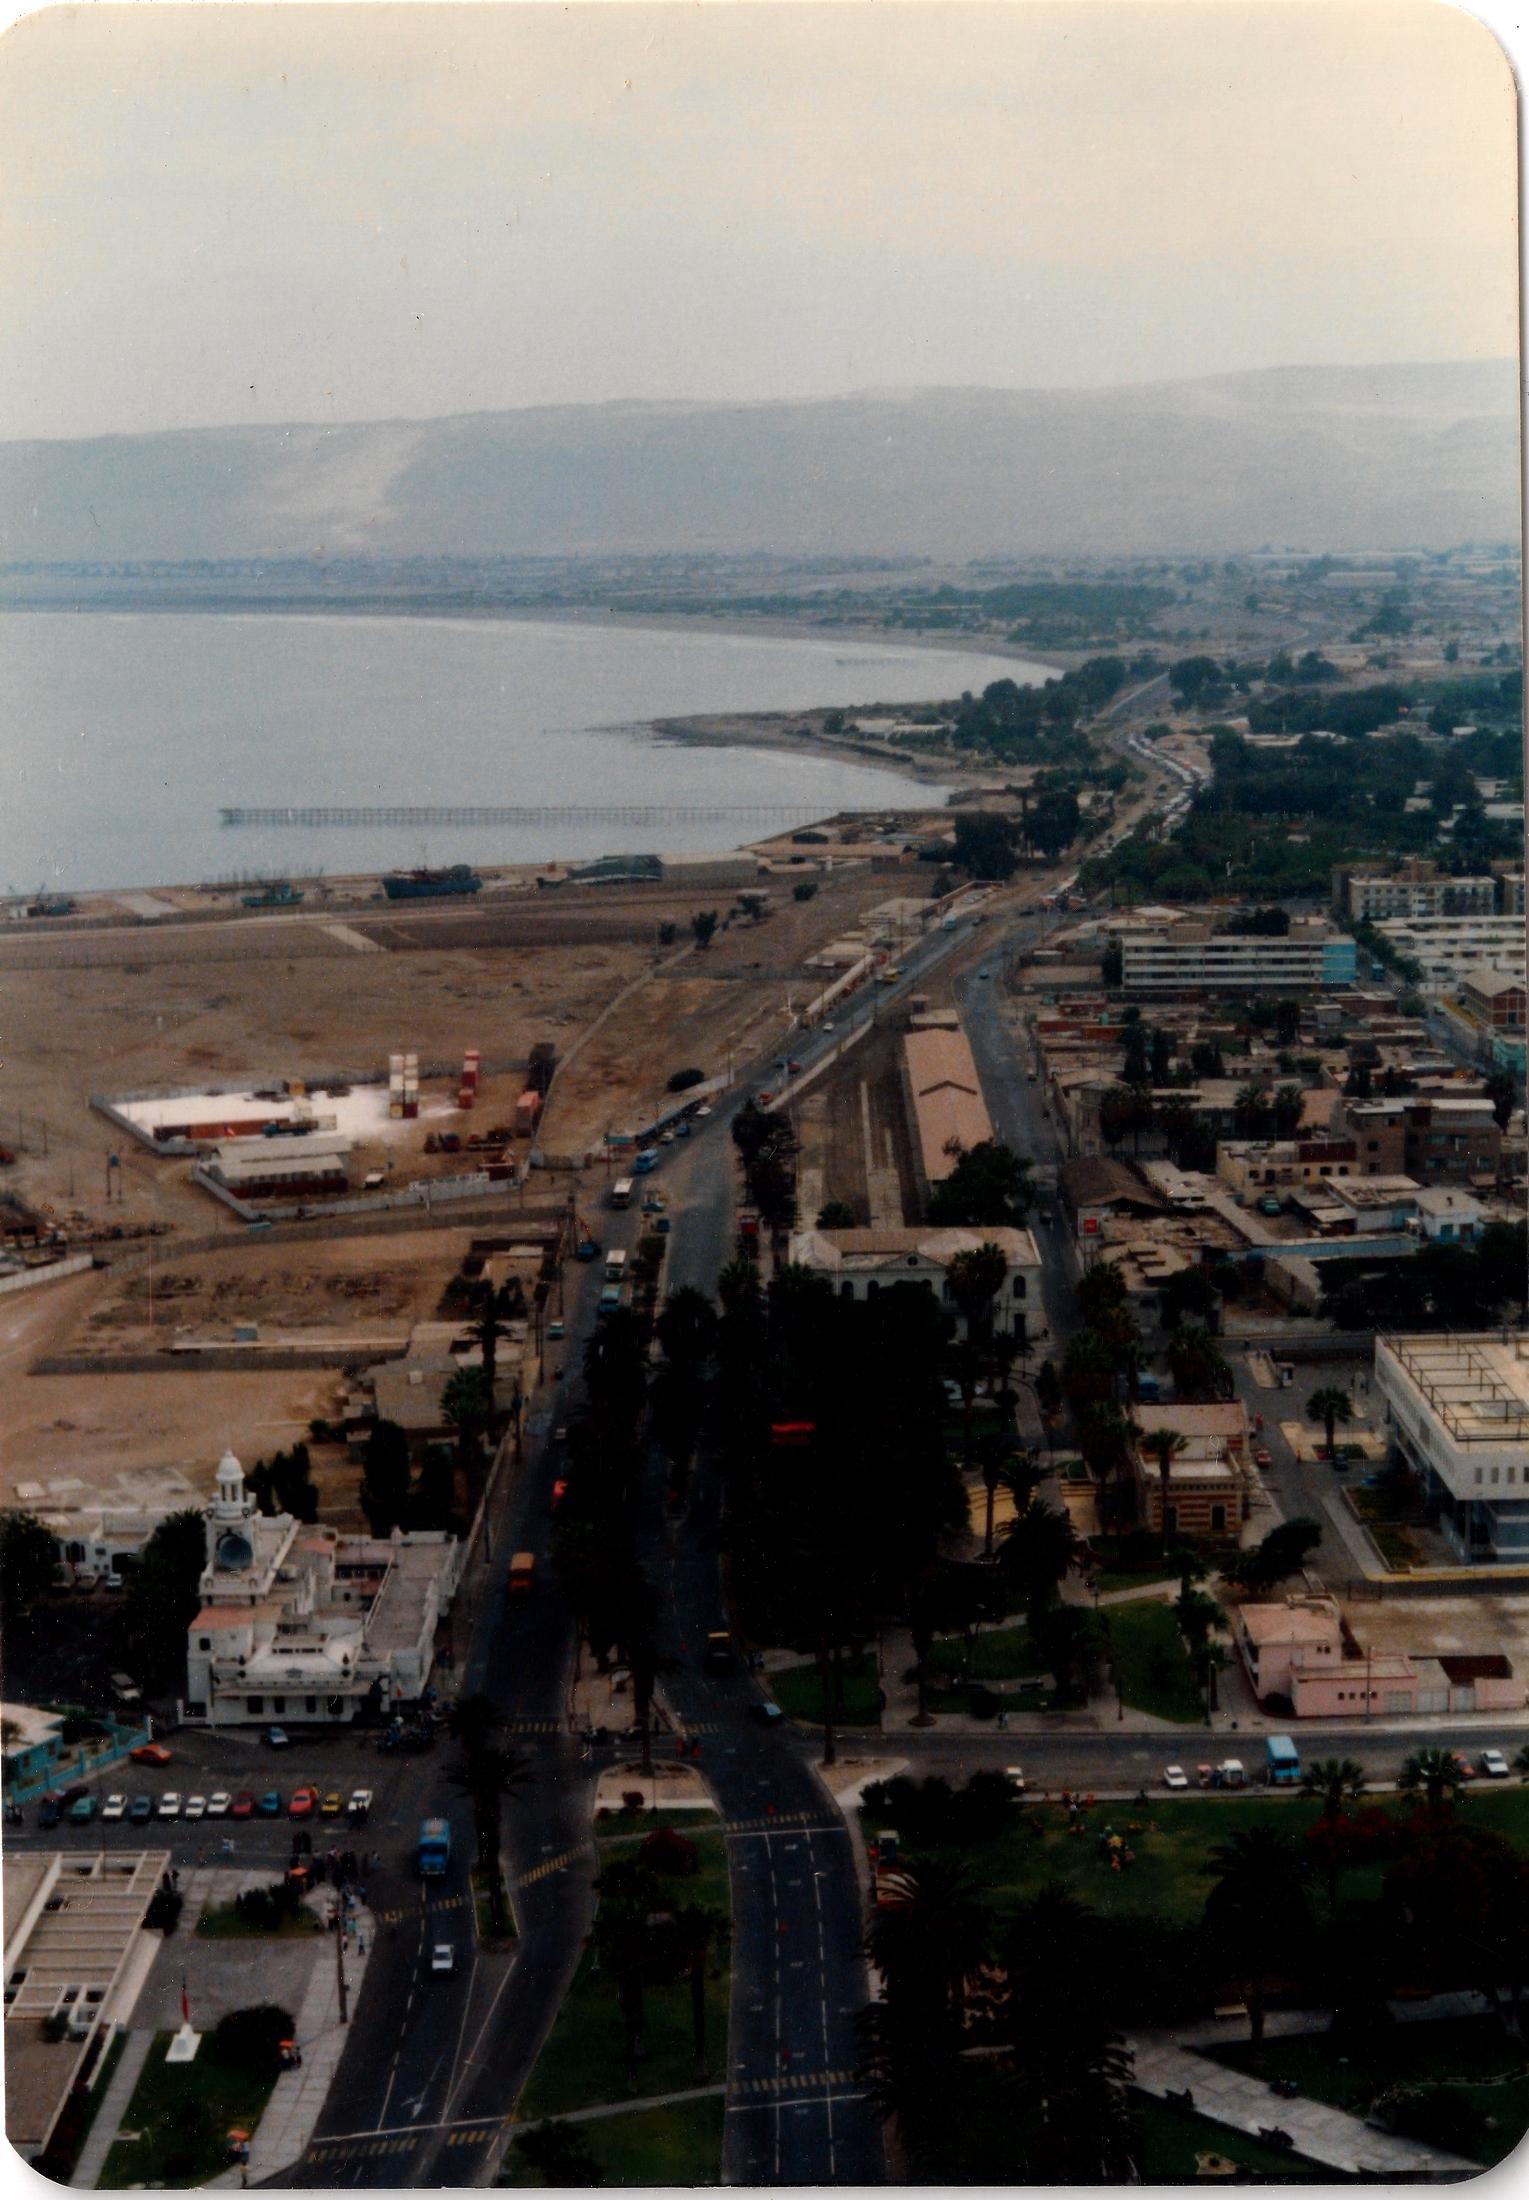 Enterreno - Fotos históricas de chile - fotos antiguas de Chile - Vista desde lo alto del Morro de Arica 1988